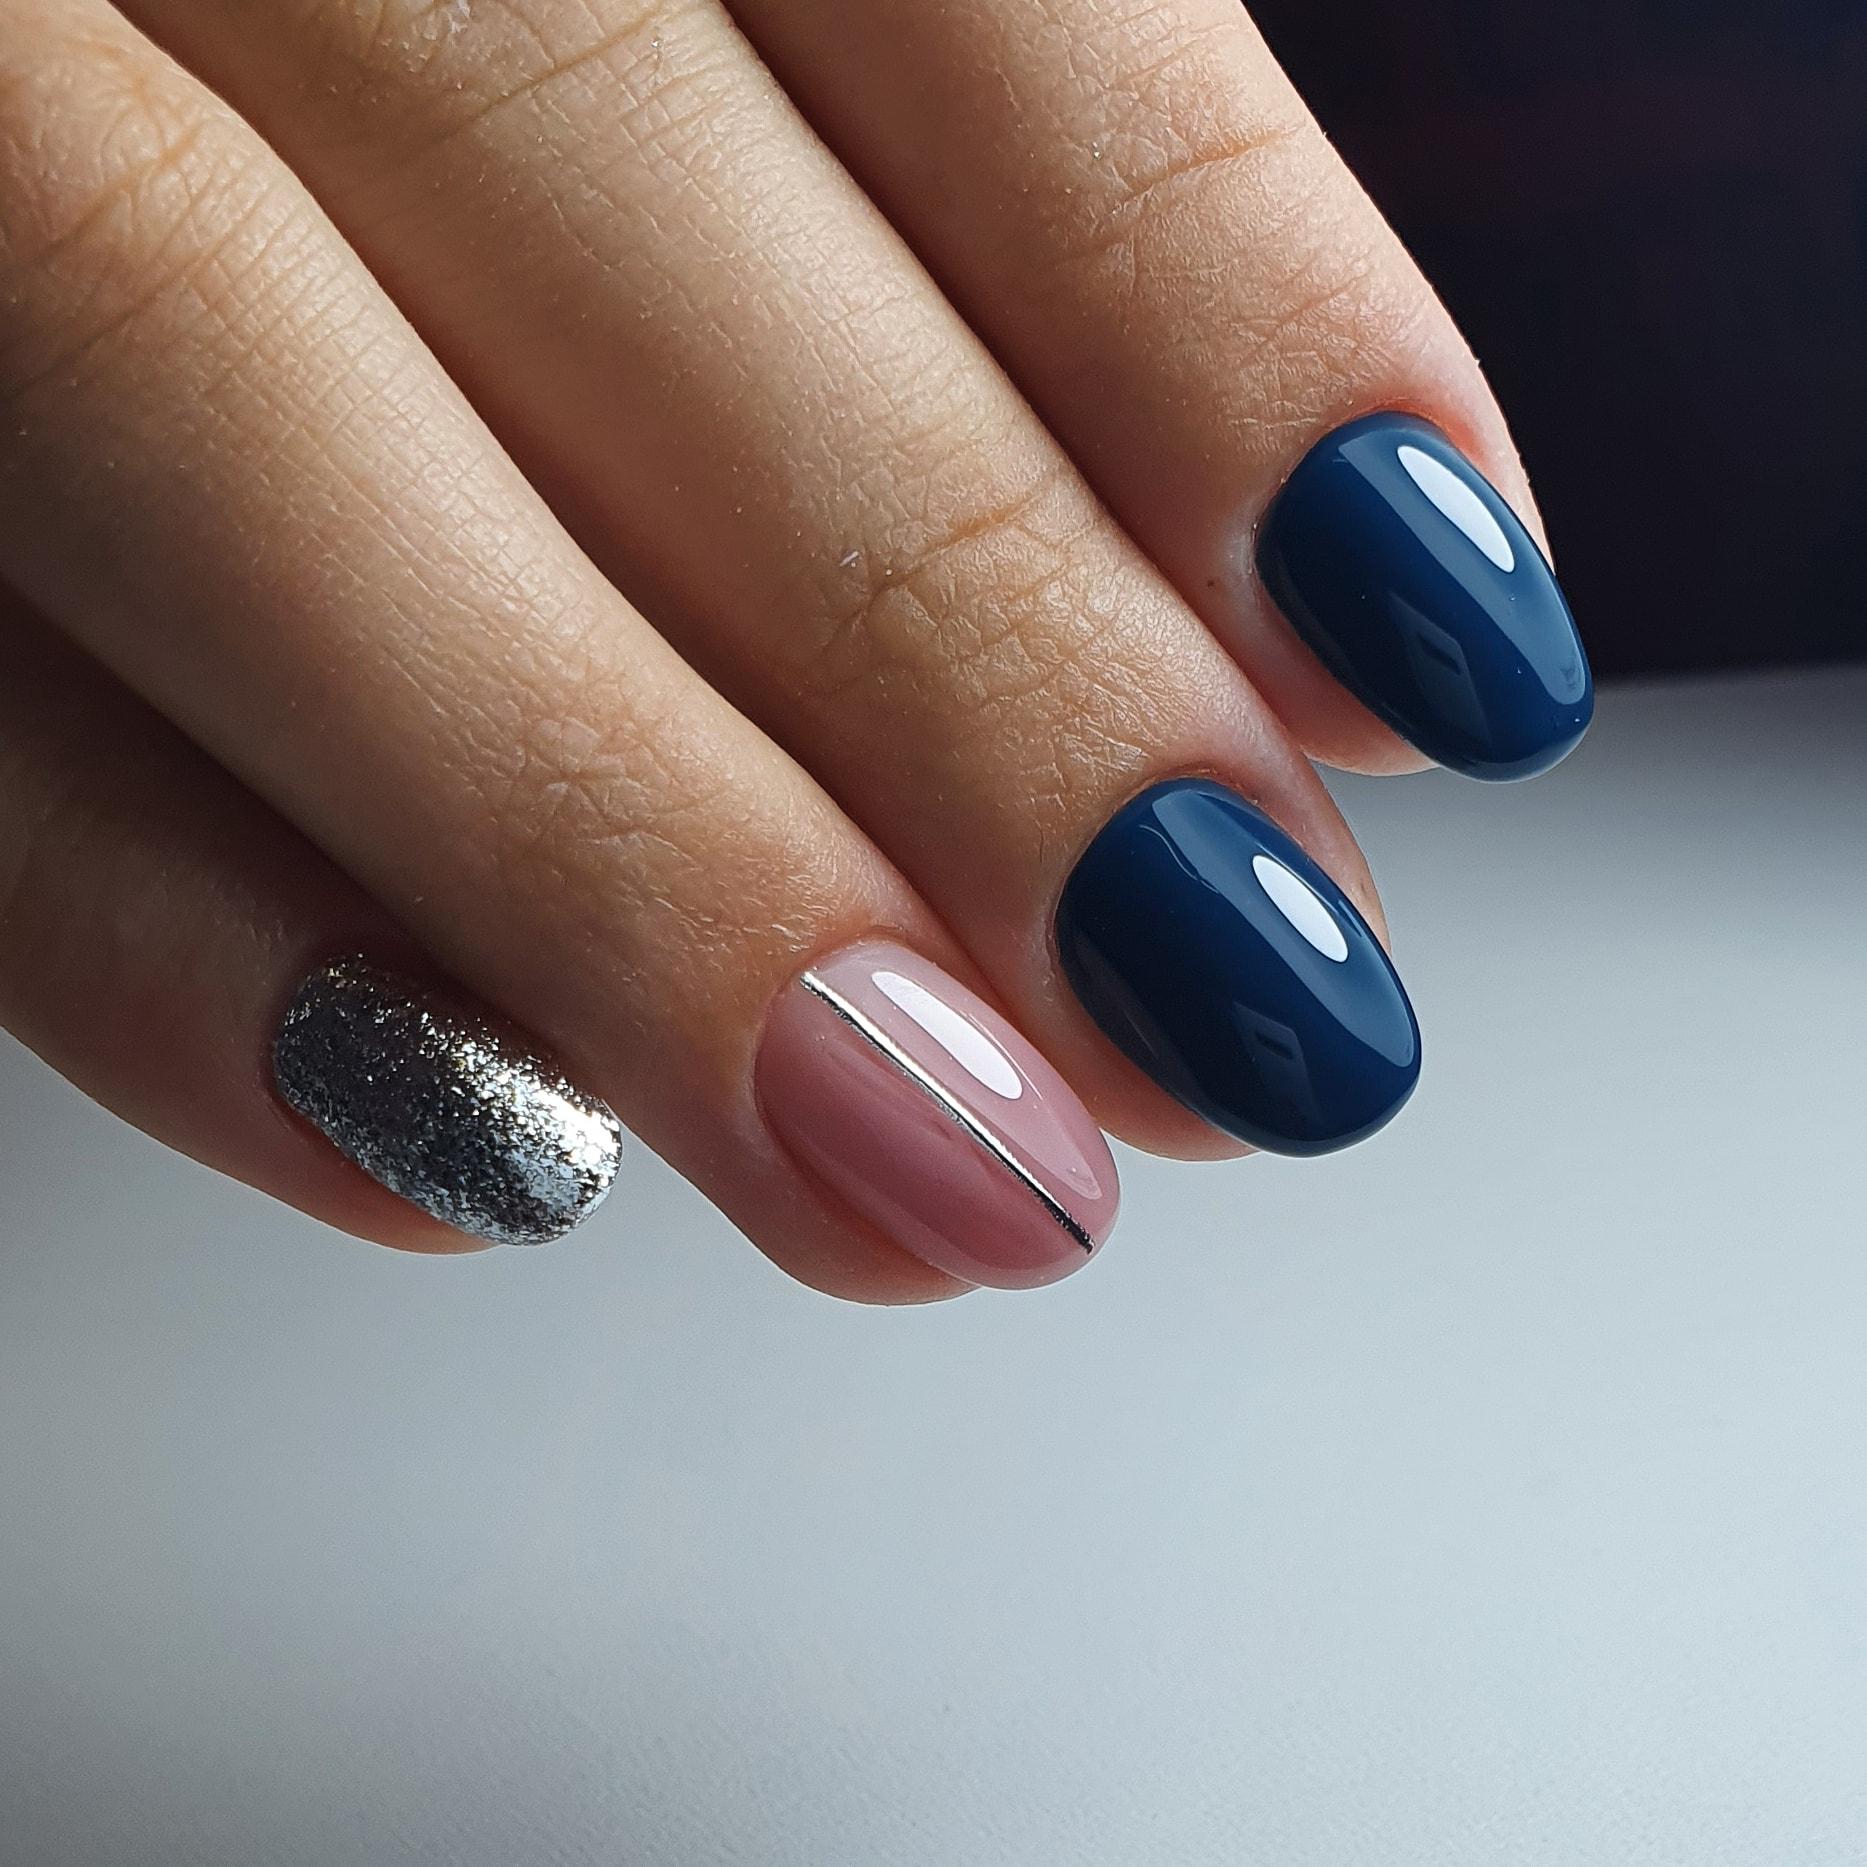 Маникюр с серебряными блестками и полосками в темно-синем цвете на короткие ногти.